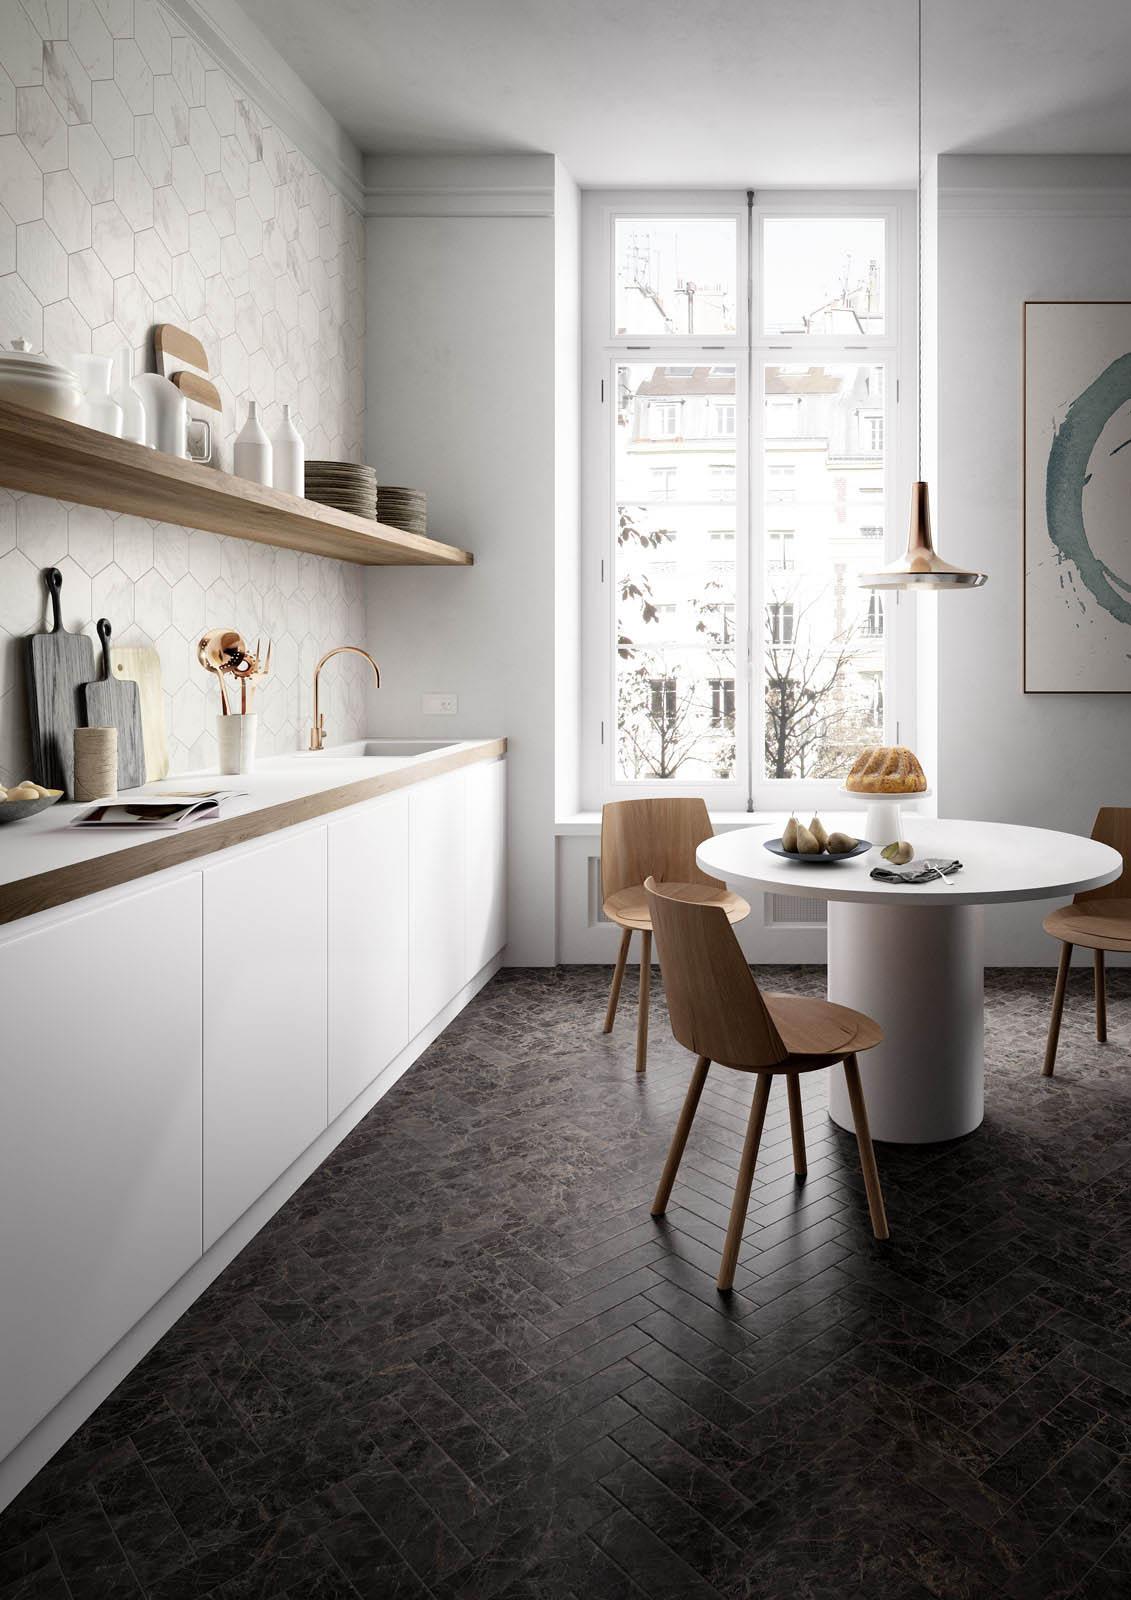 Biało - drewniana kuchnia z płytki marki Marazzi